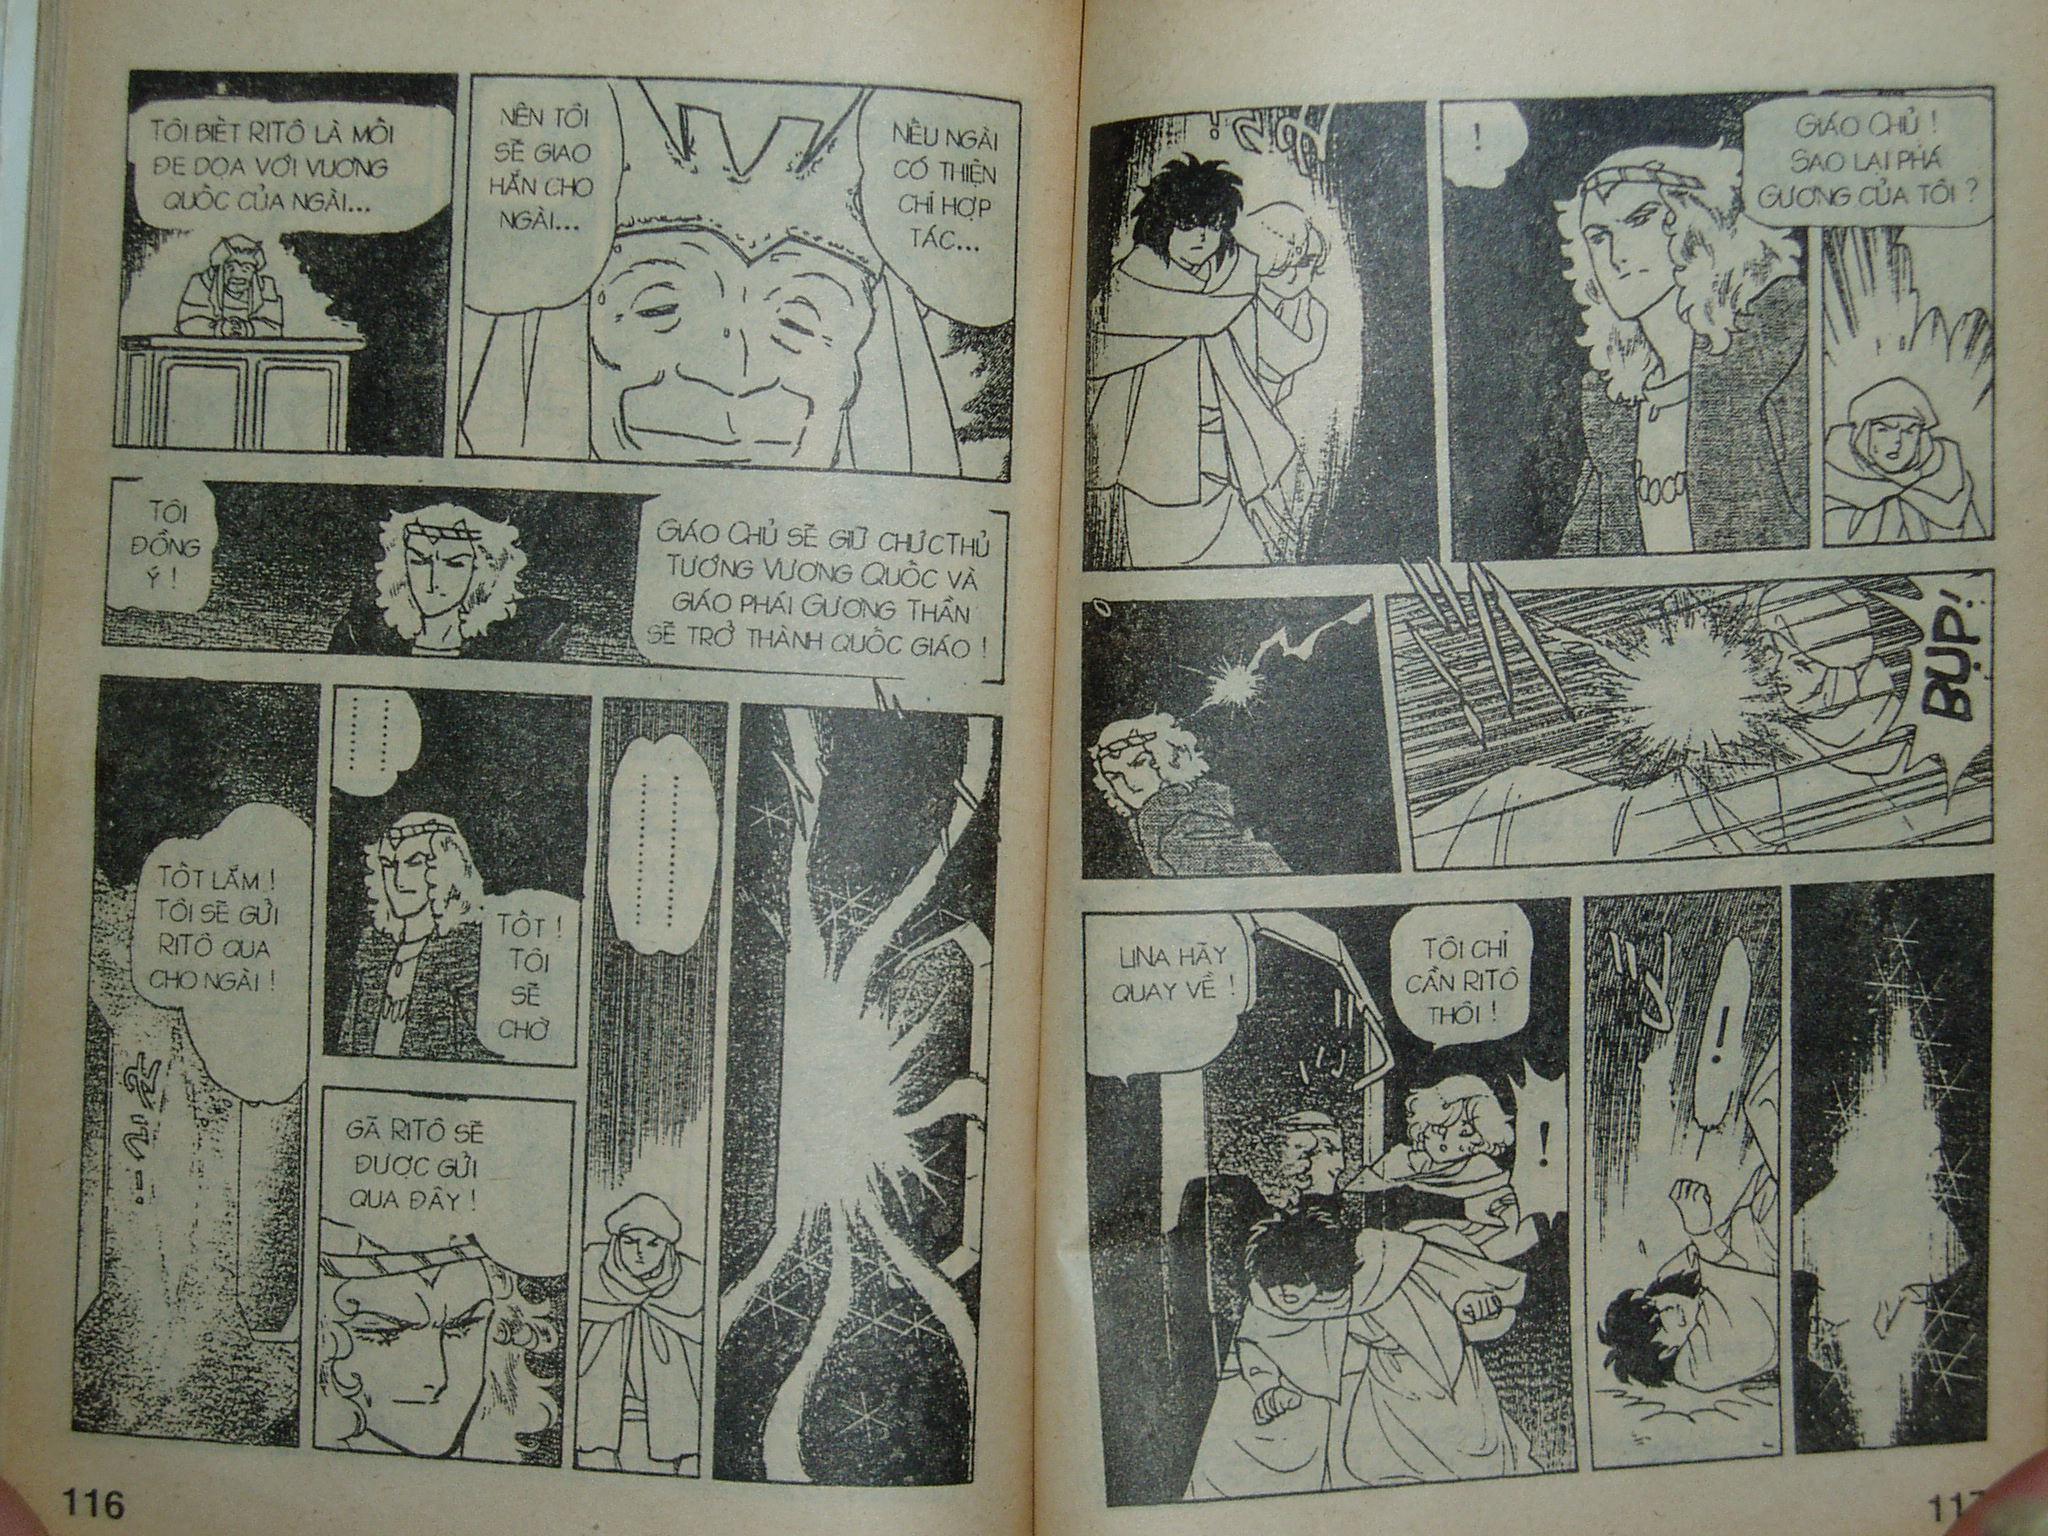 Siêu nhân Locke vol 17 trang 56